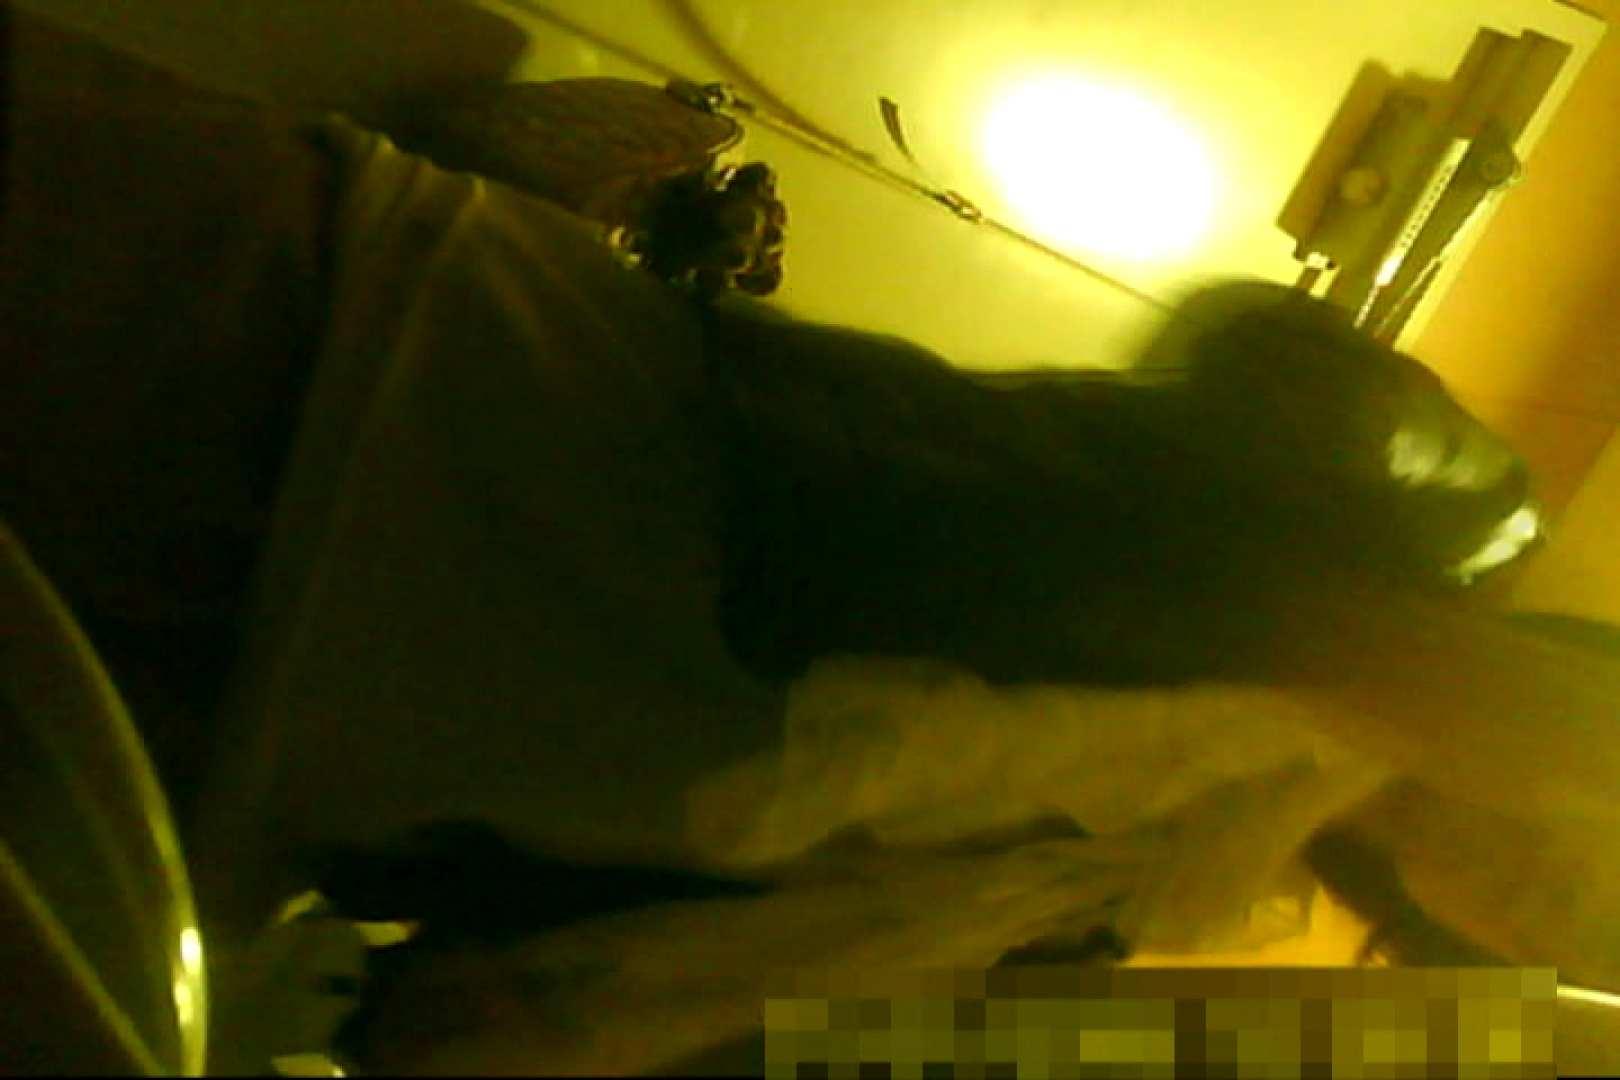 魅惑の化粧室~禁断のプライベート空間~26 プライベート  12pic 12